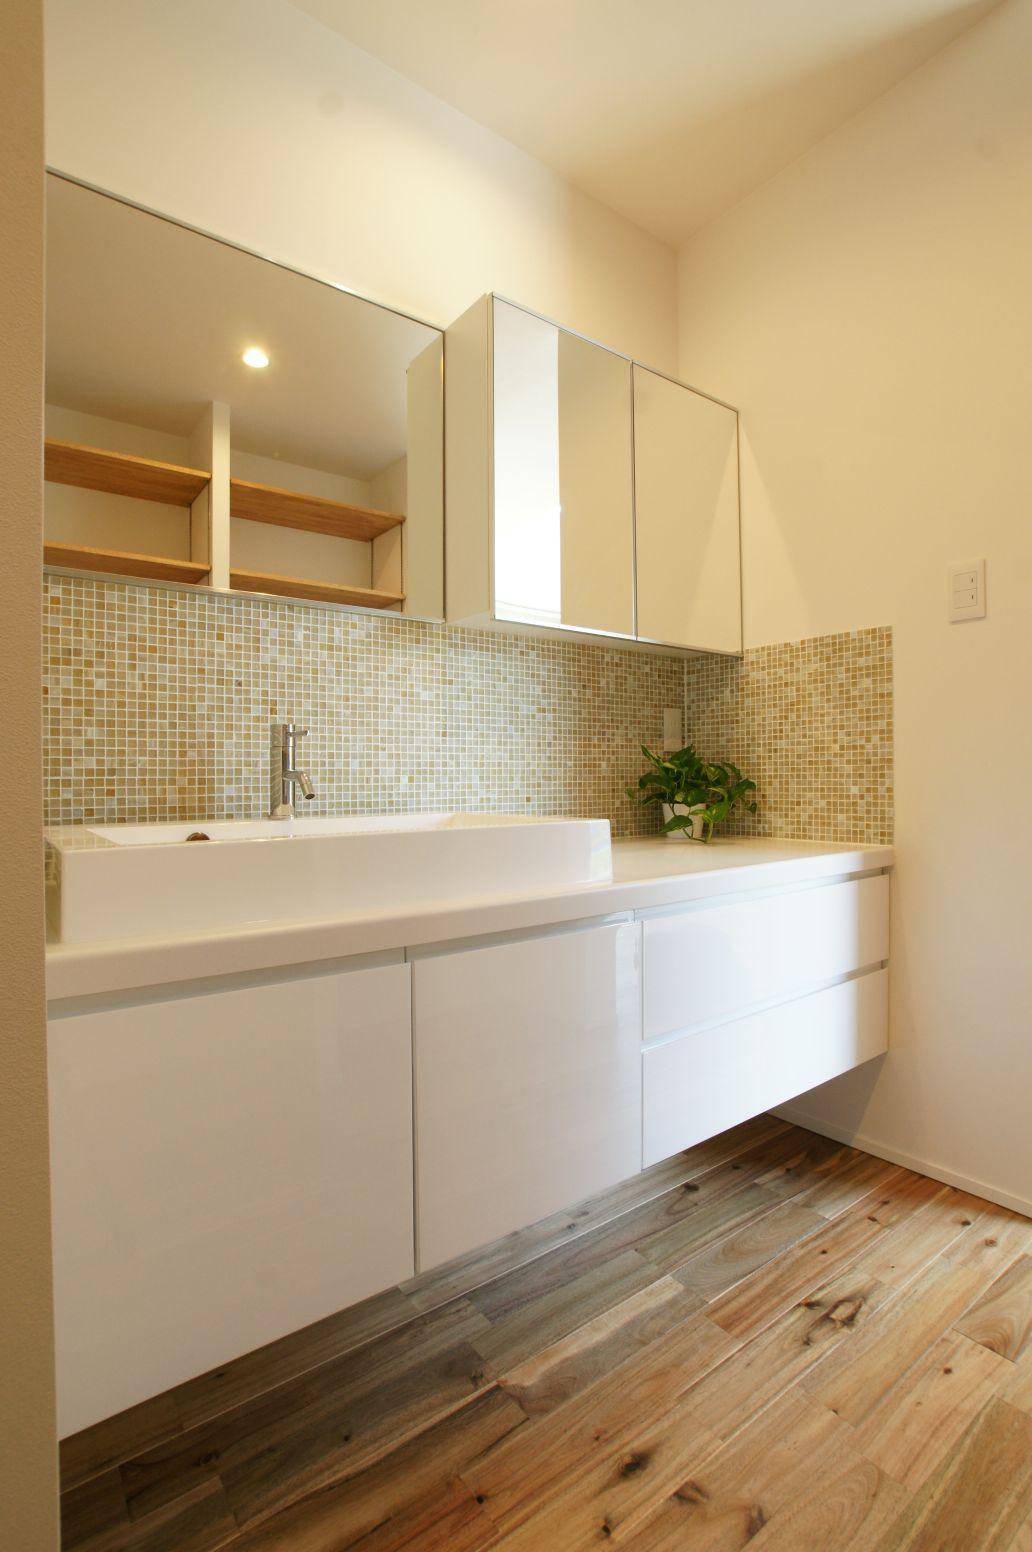 RIKYU (リキュー)【デザイン住宅、建築家、インテリア】デザイン性の高い洗面は家に合う物をコーディネート